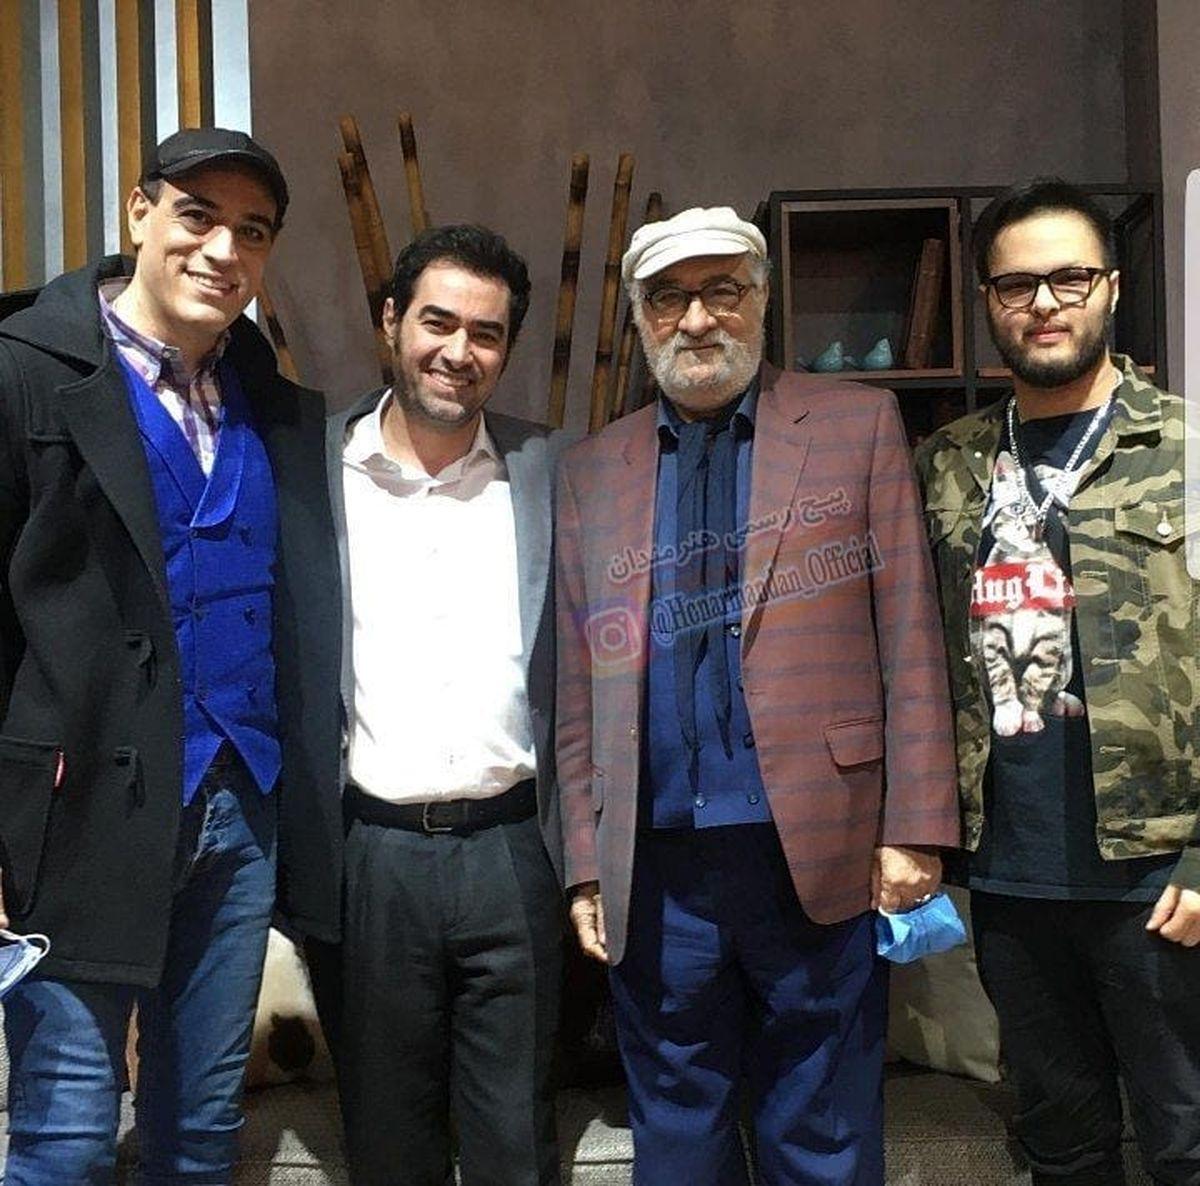 پسر شهاب حسینی در برنامه همرفیق + عکس